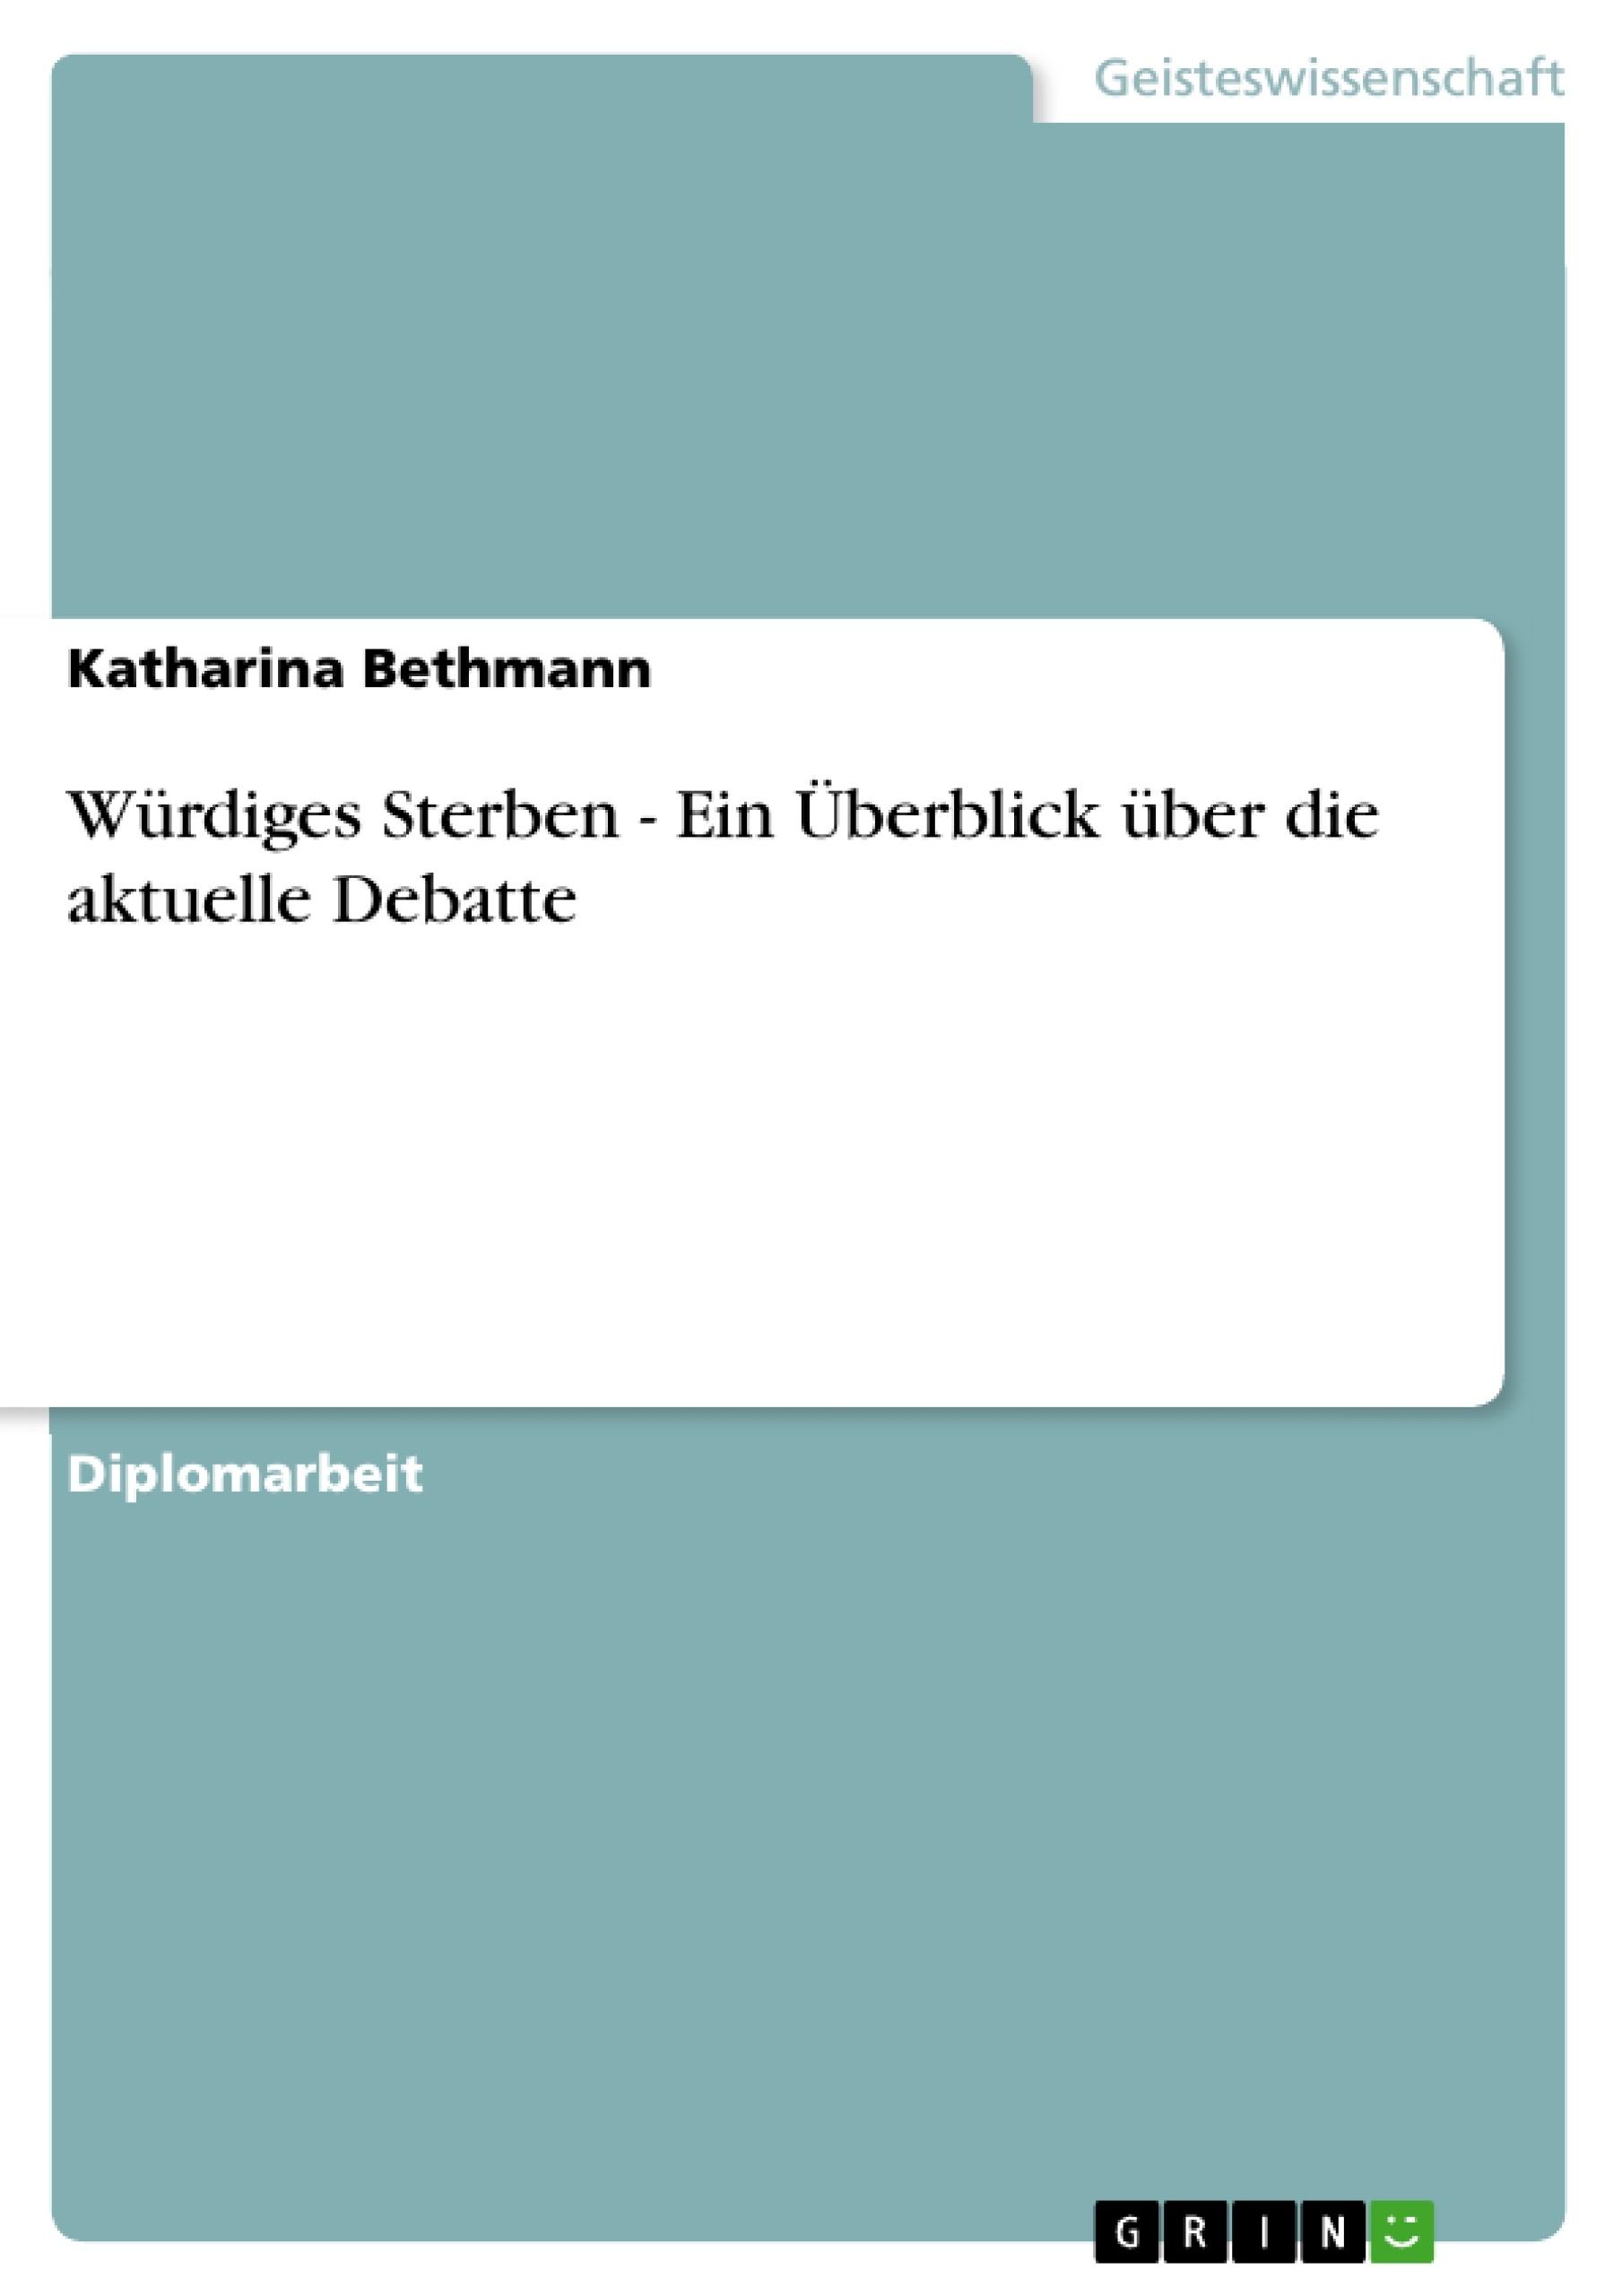 Titel: Würdiges Sterben - Ein Überblick über die aktuelle Debatte